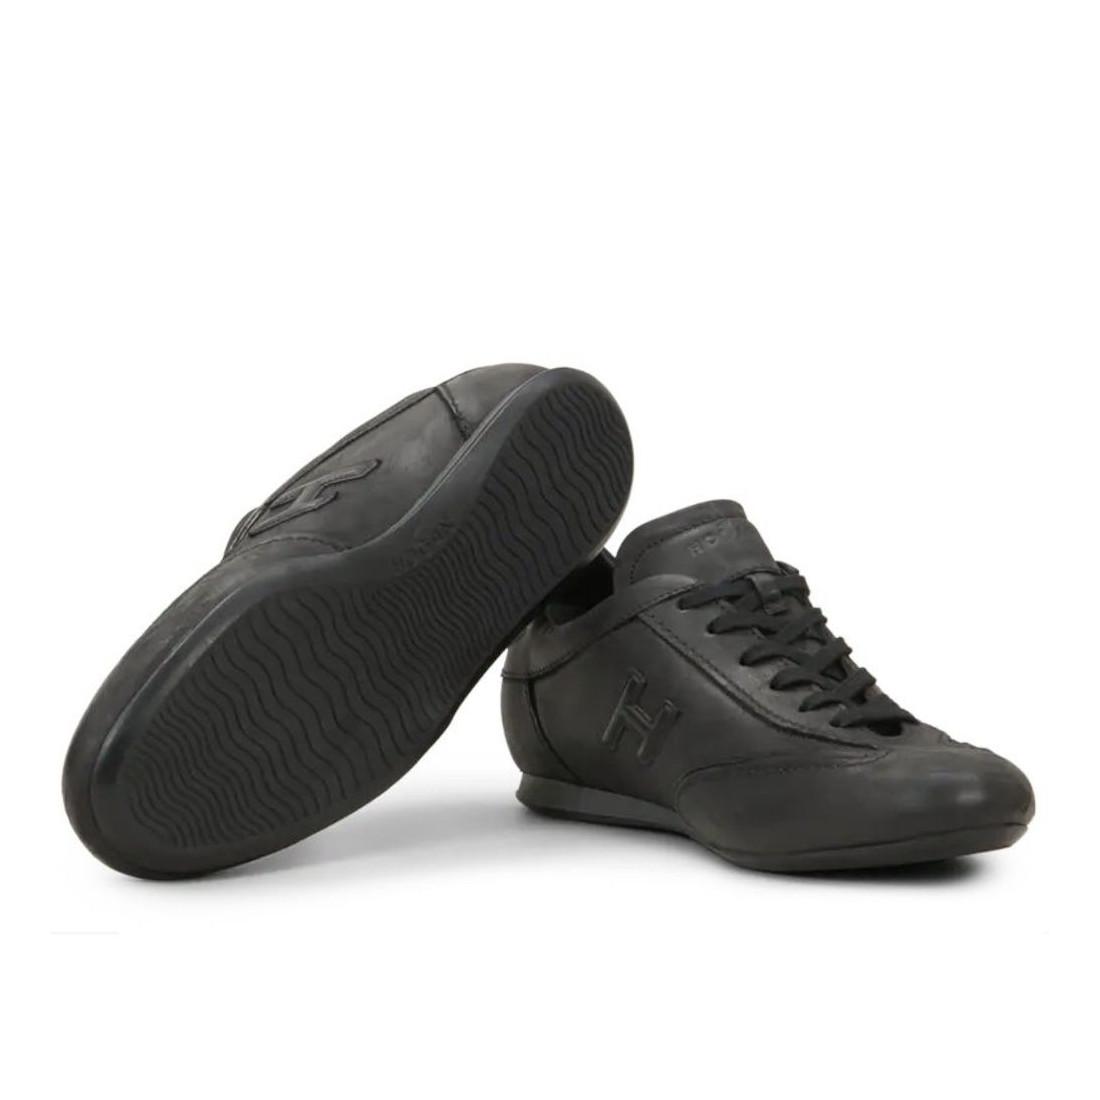 Sneakers Uomo Hogan Olympia nere in pelle vintage